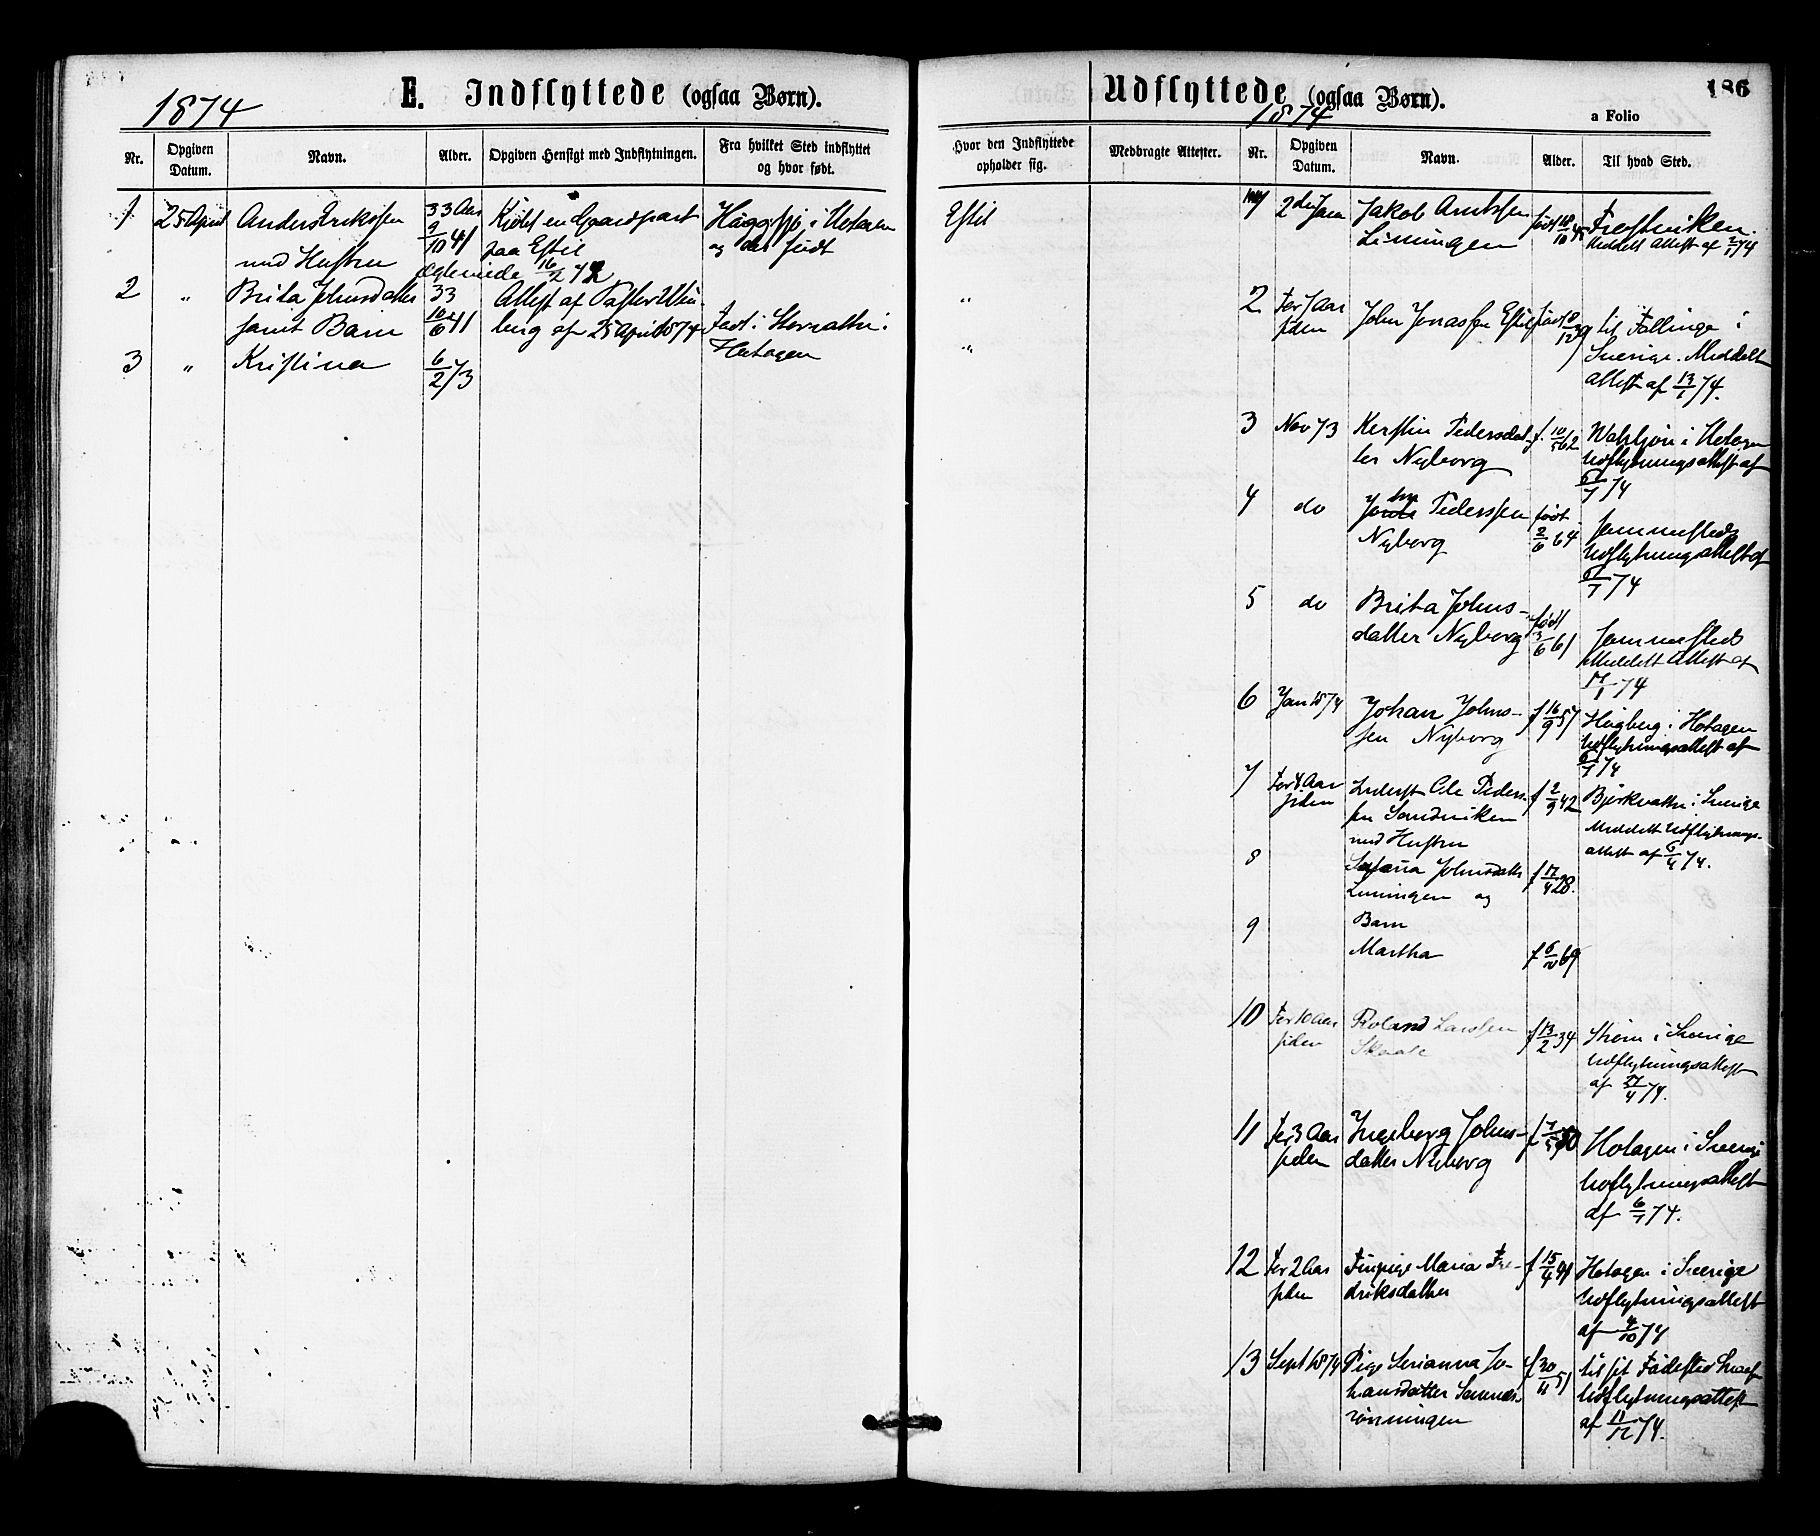 SAT, Ministerialprotokoller, klokkerbøker og fødselsregistre - Nord-Trøndelag, 755/L0493: Ministerialbok nr. 755A02, 1865-1881, s. 186